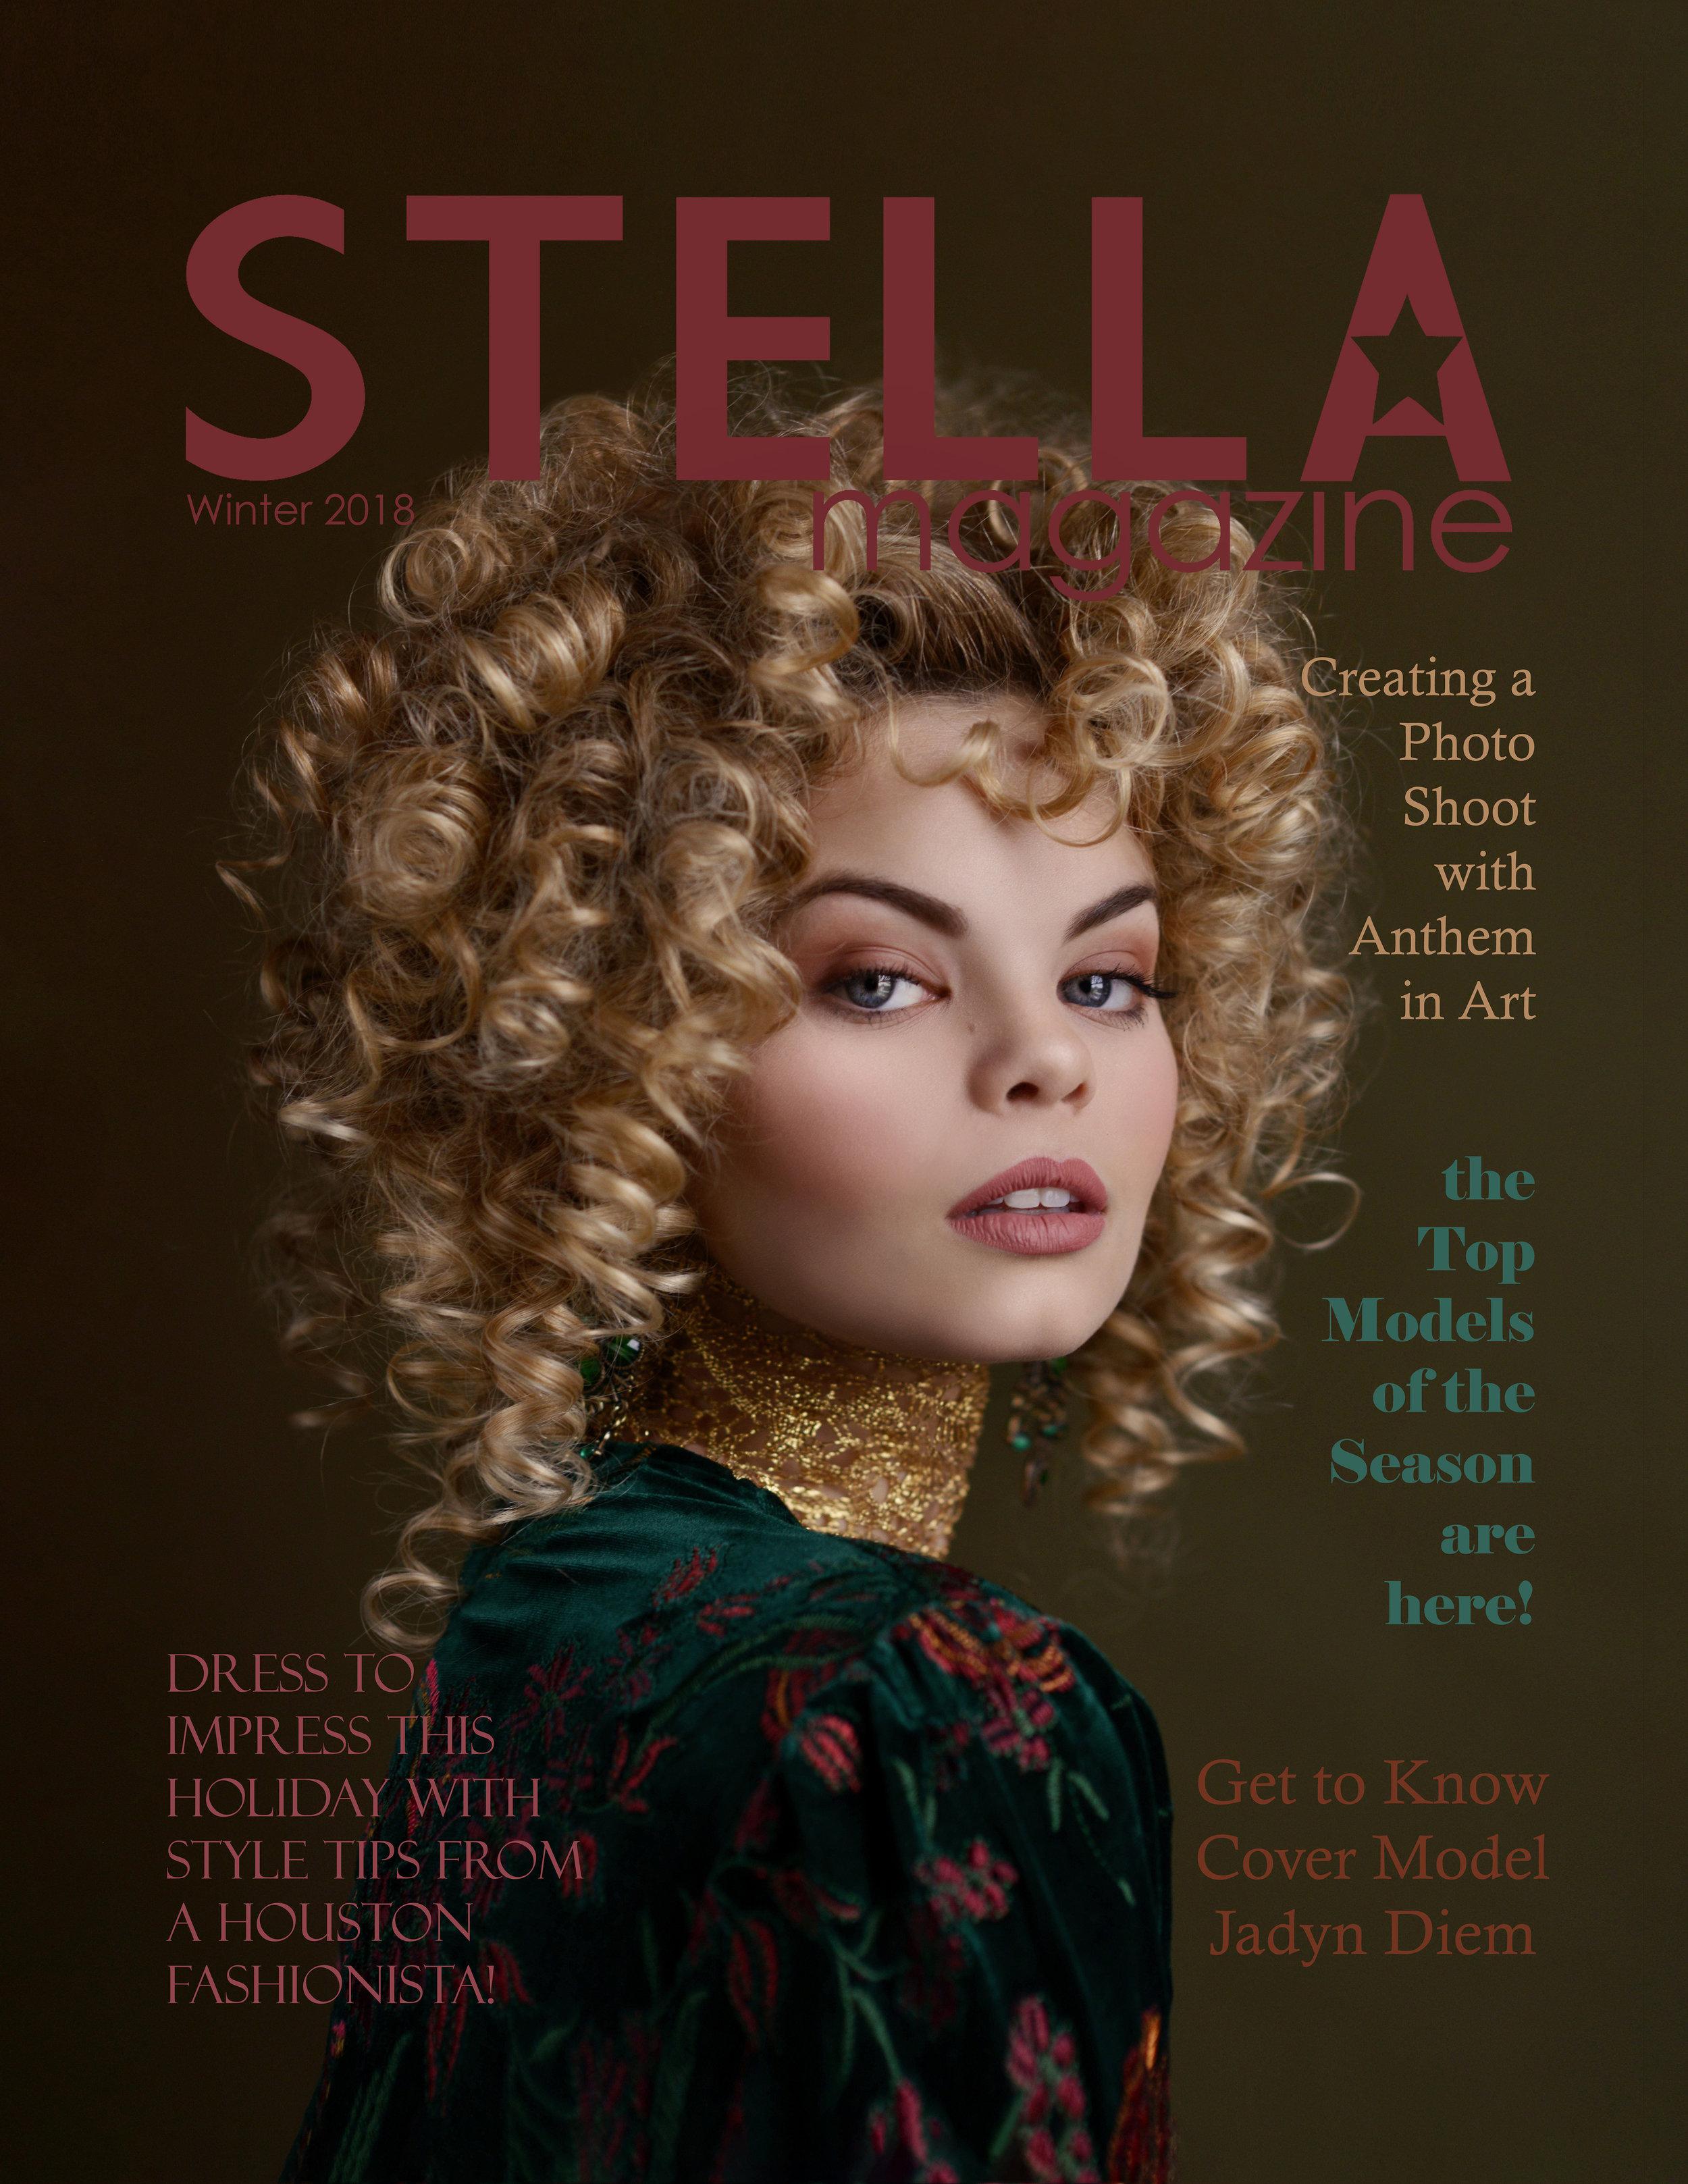 Stella Magazine Winter 2018 Cover